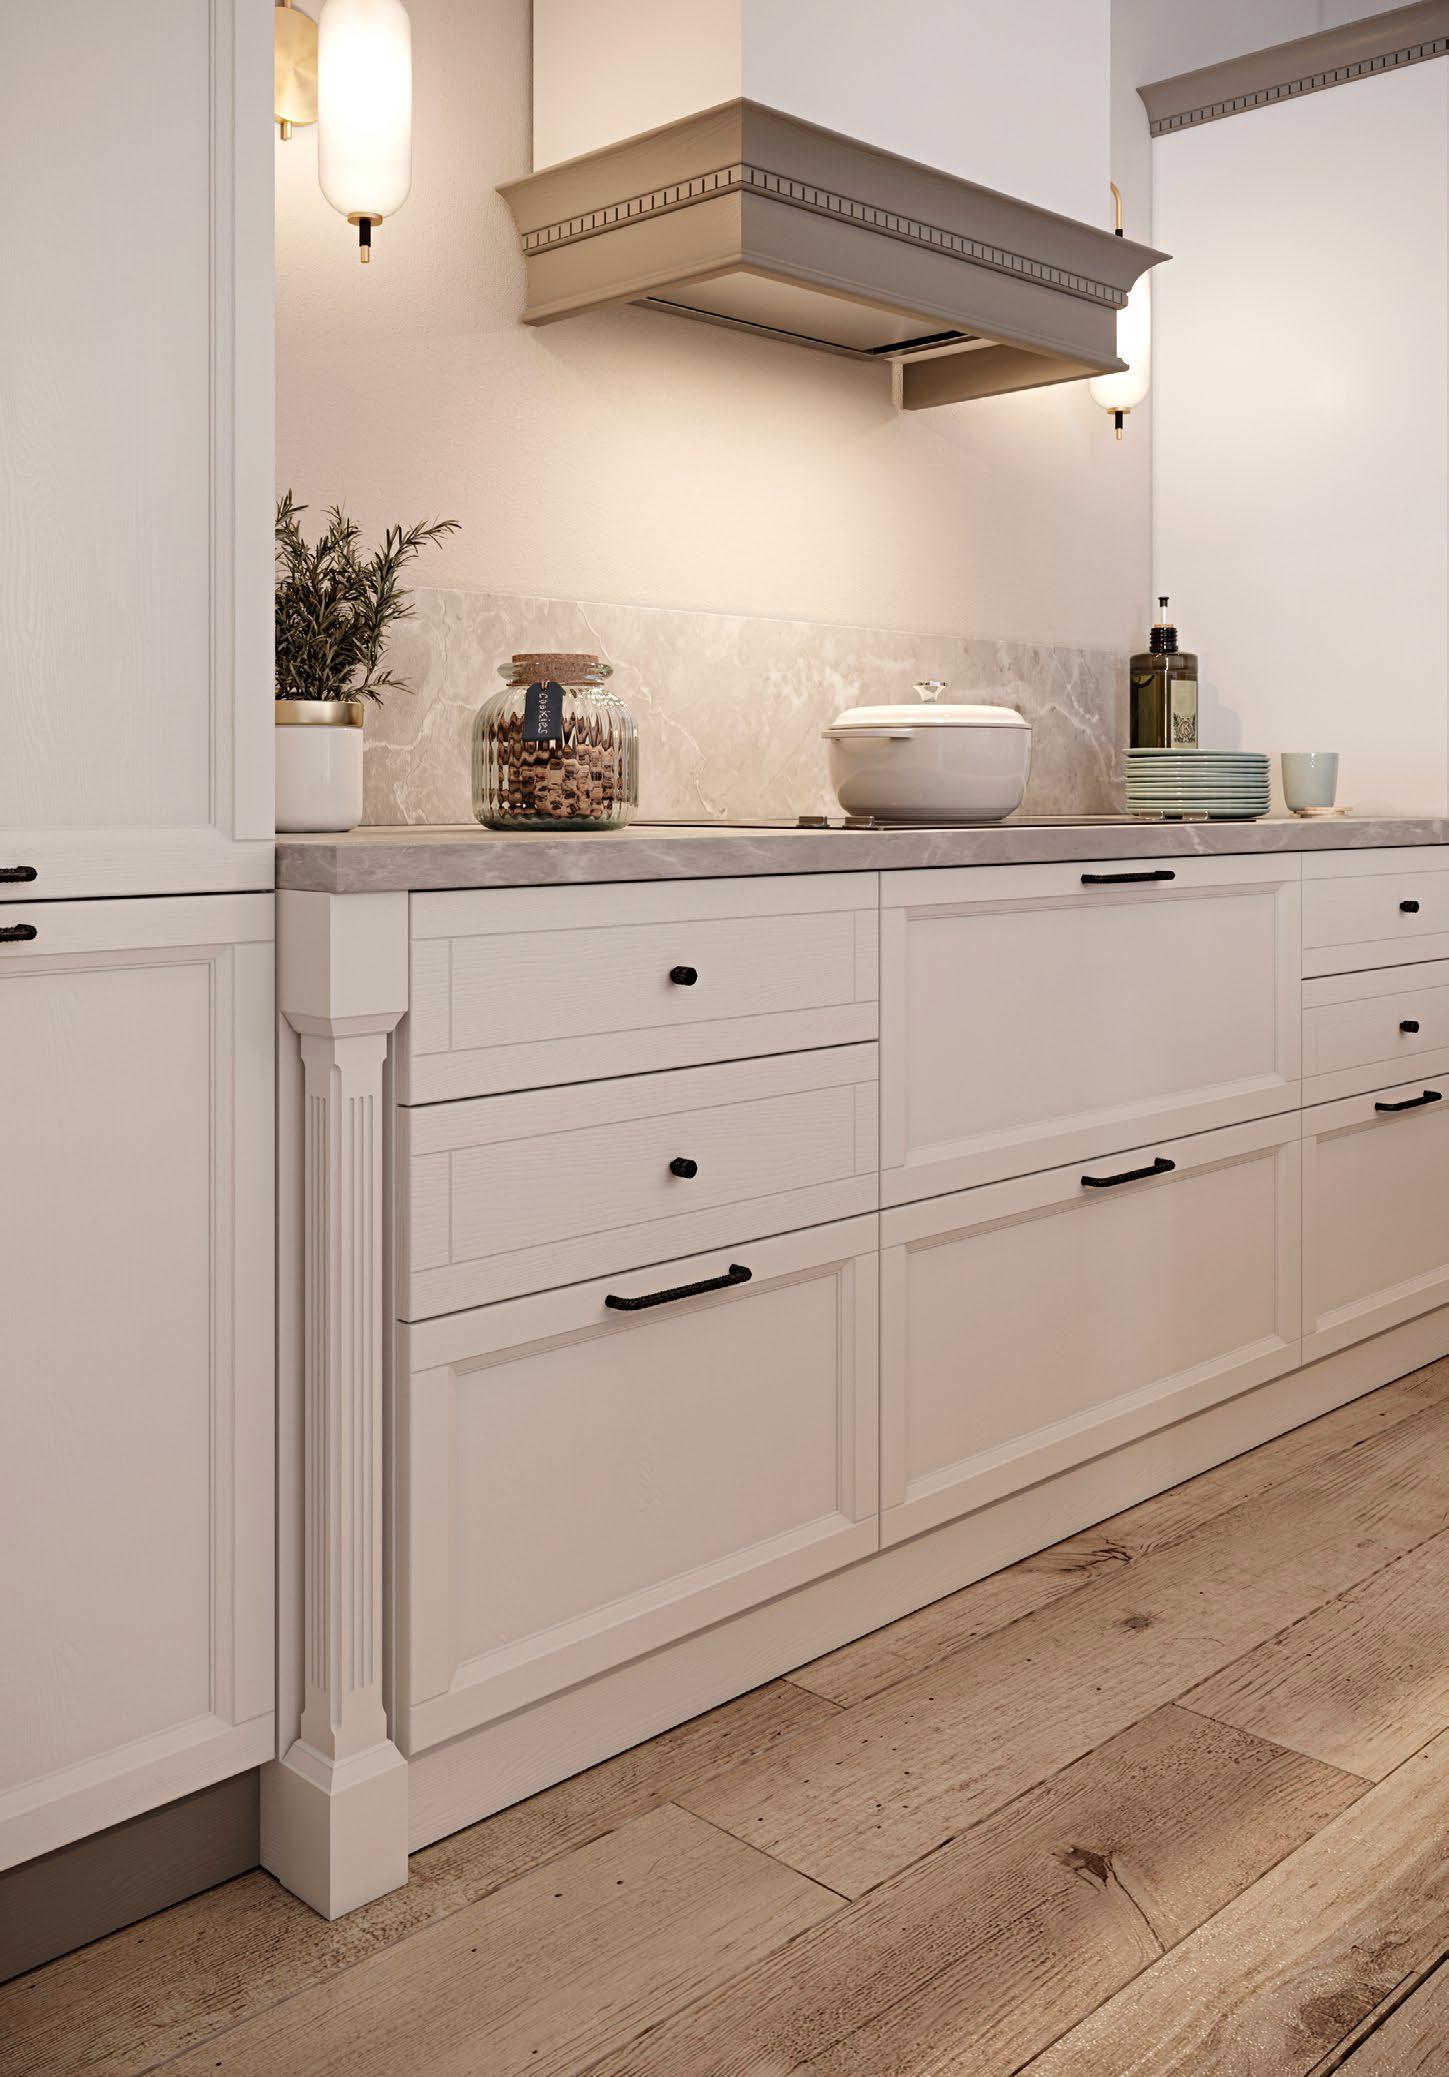 Orleans Kitchen Kitchen Cabinets Home Decor